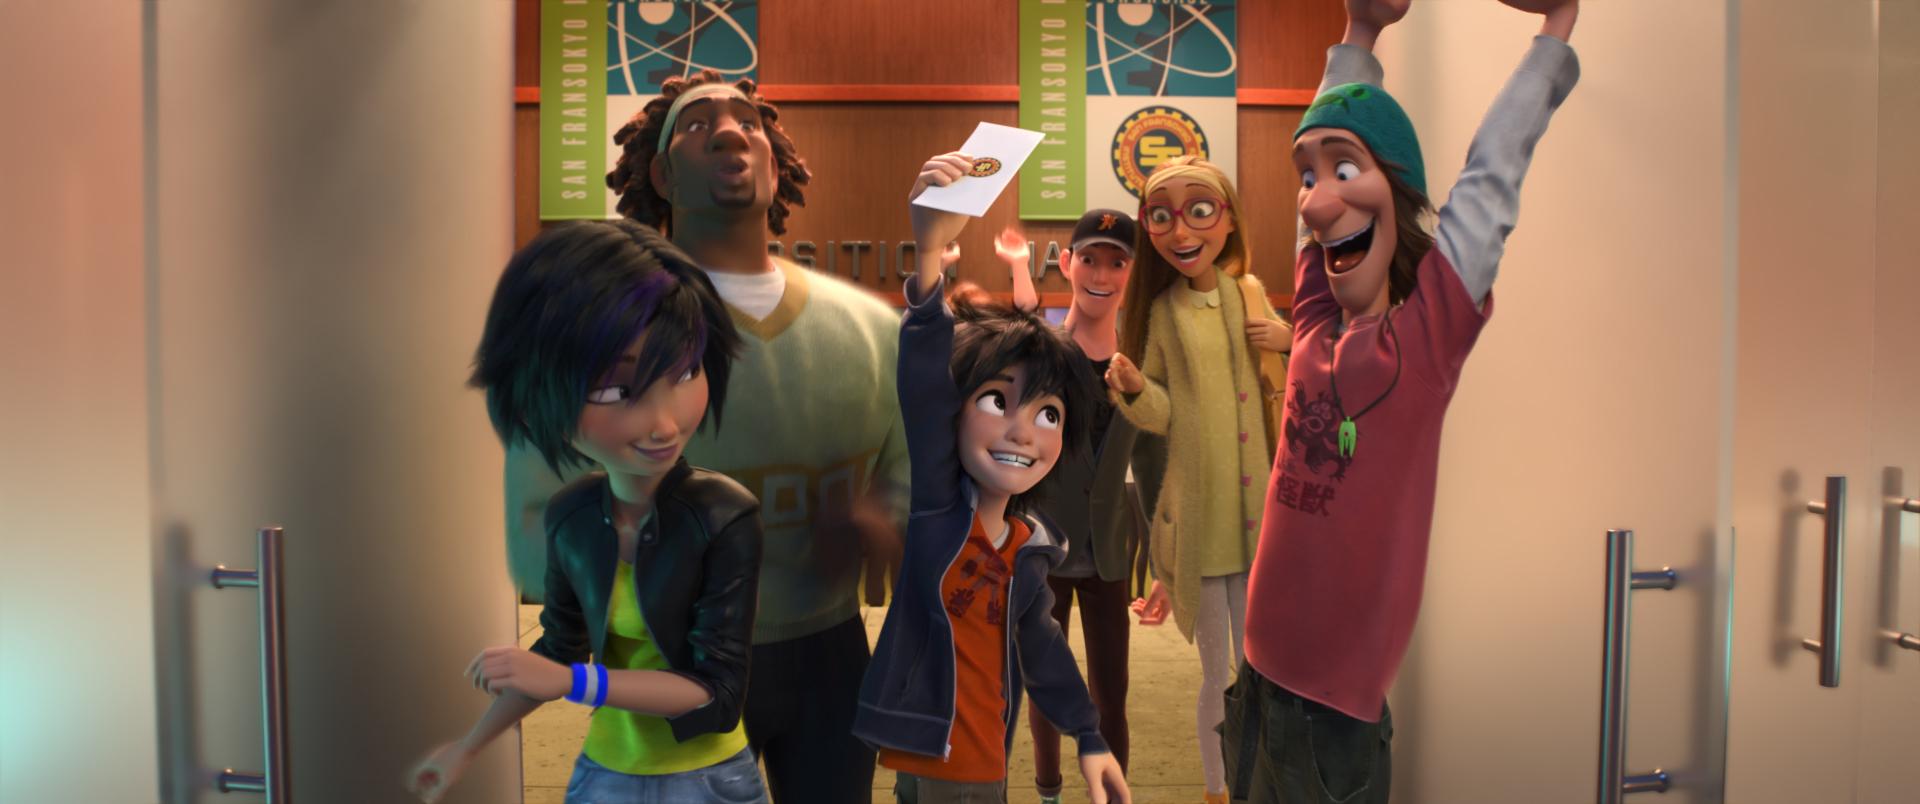 Big Hero 6: Hiro e Tadashi insieme ai loro amici in una scena